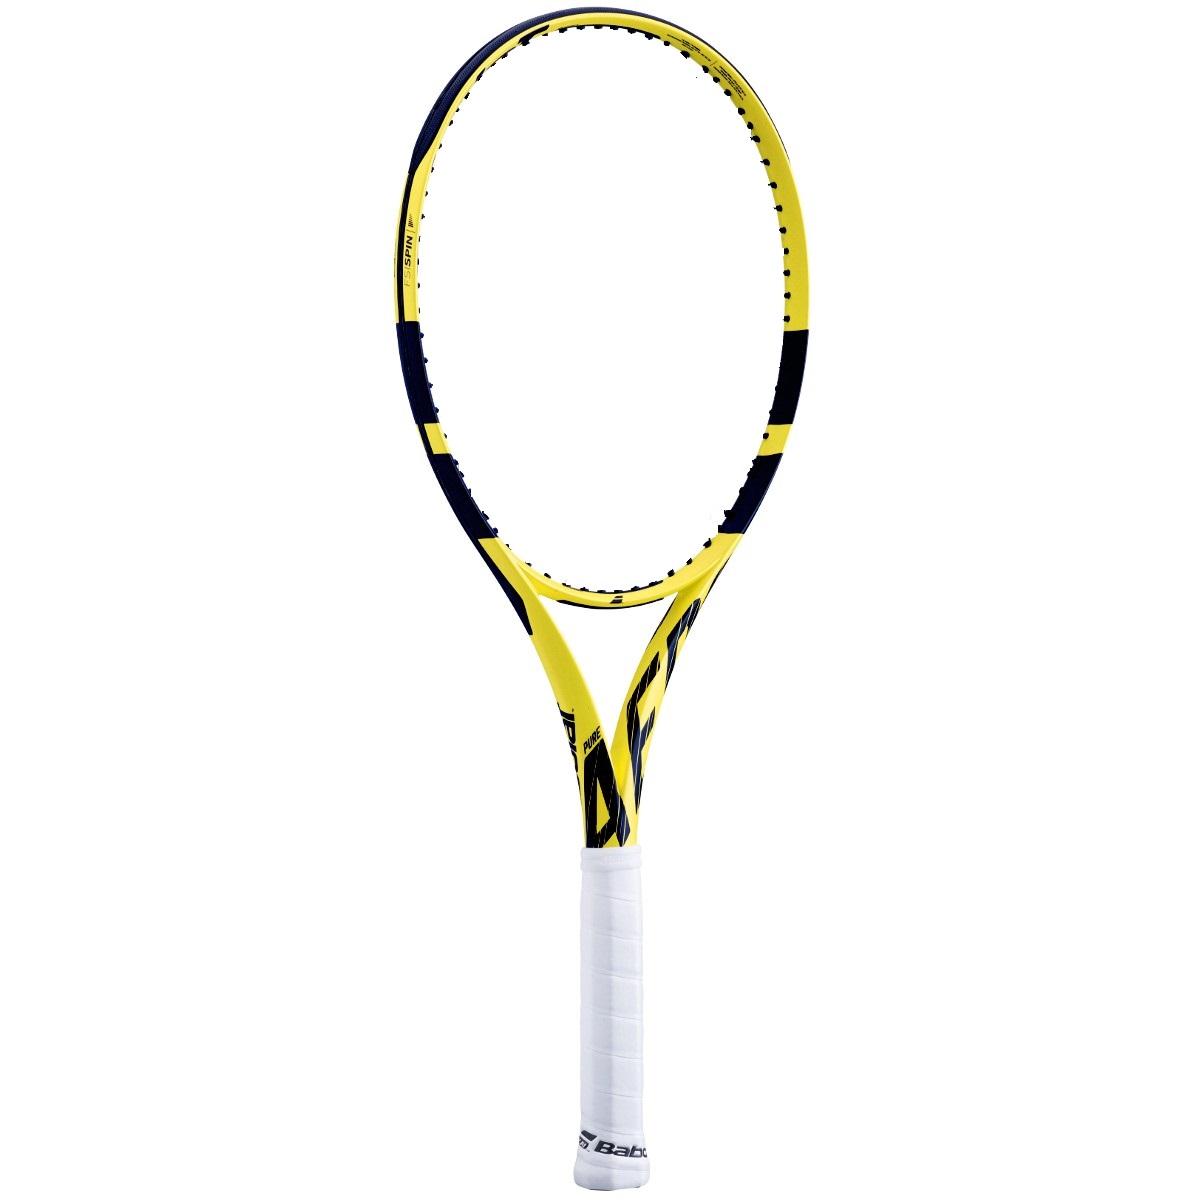 2019年Newモデル! バボラ ピュアアエロ ライト Babolat PURE AERO LITE テニスラケット